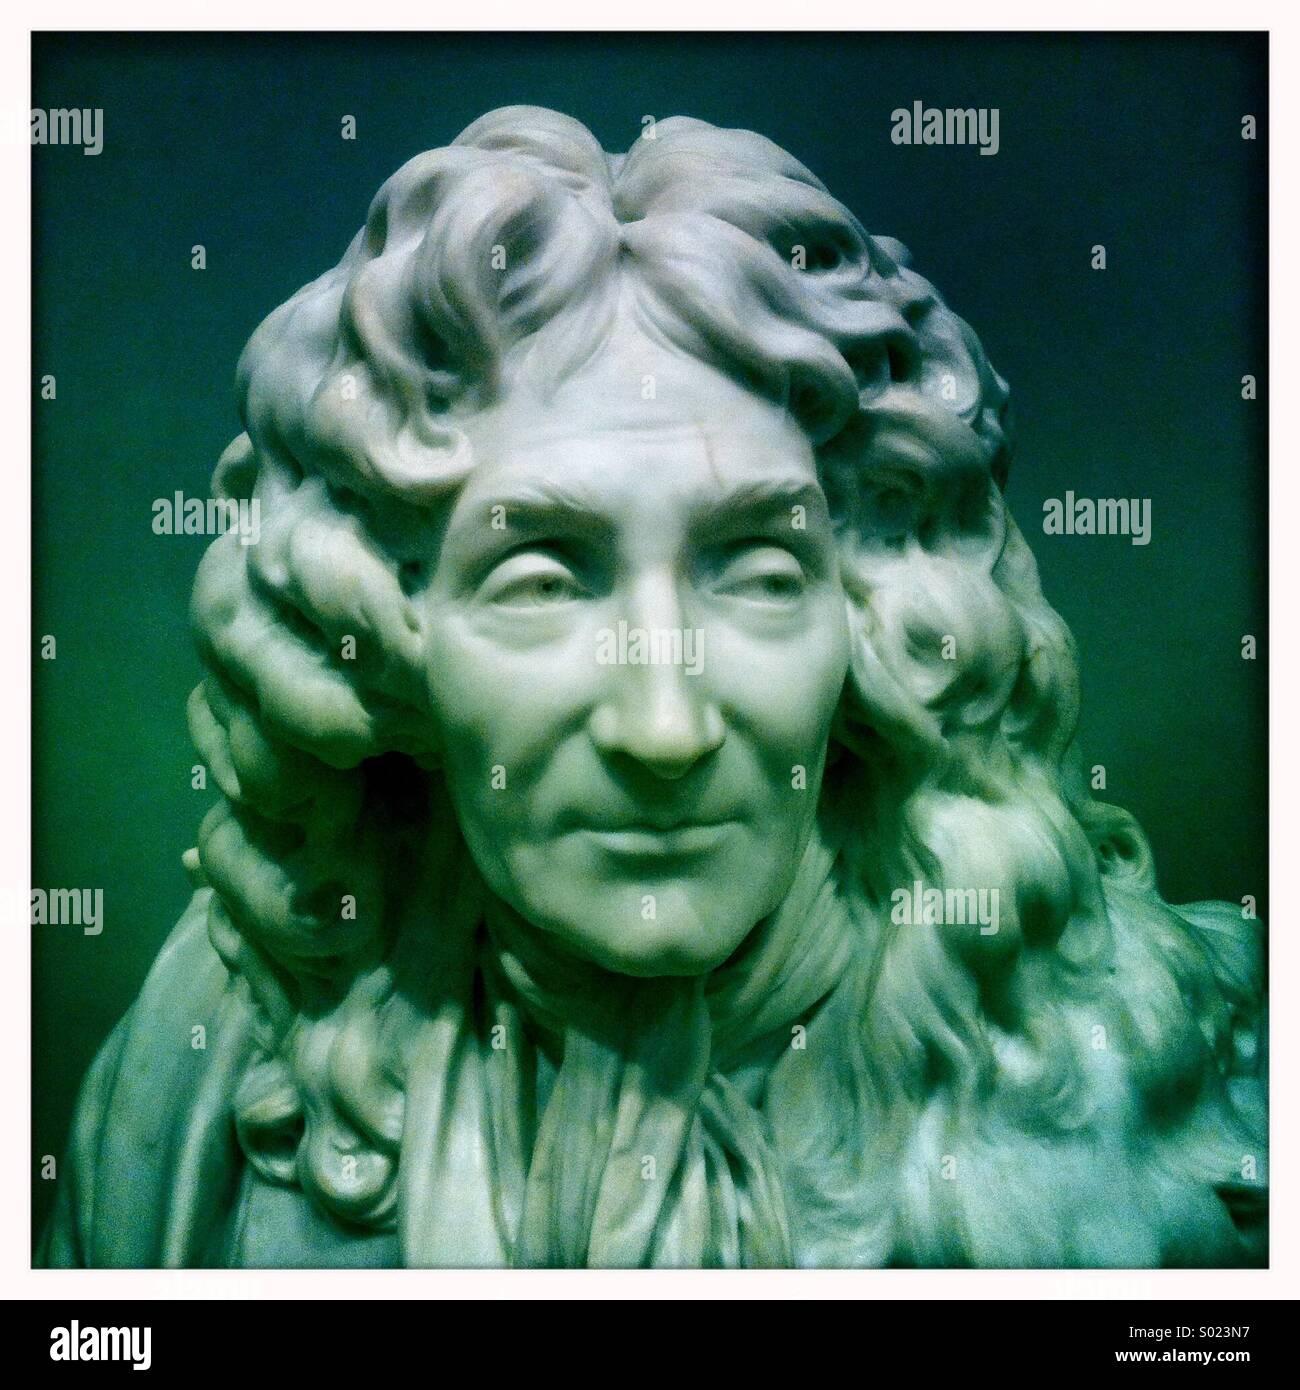 Estatua de mármol de un hombre. Imagen De Stock